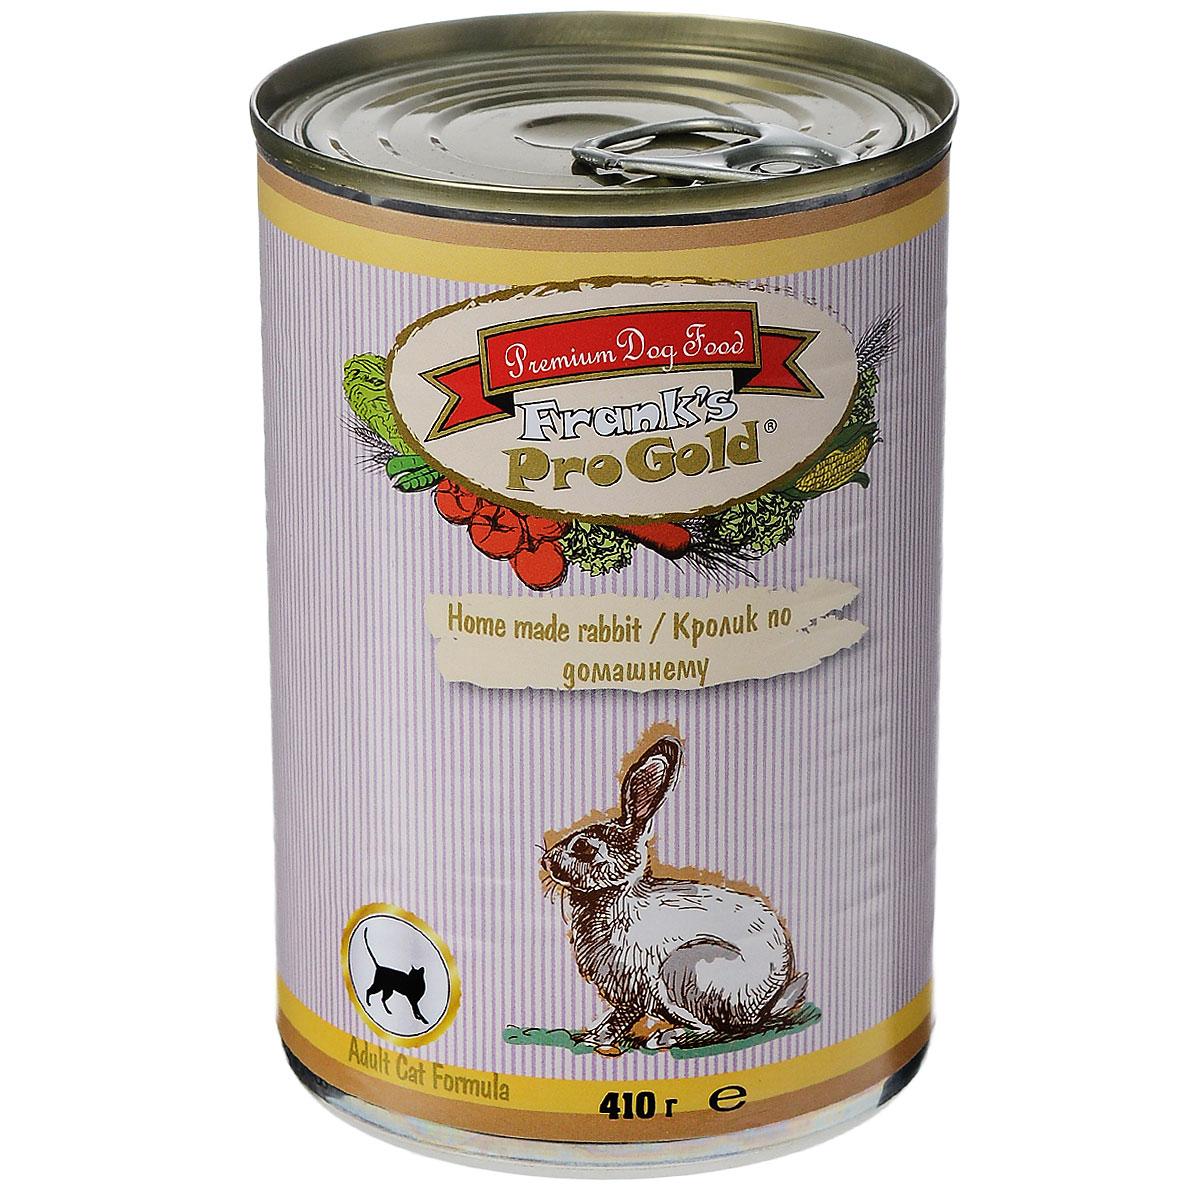 Консервы для кошек Franks ProGold, с кроликом по-домашнему, 410 г0120710Консервы для кошек Franks ProGold - полнорационный продукт, содержащий все необходимые витамины и минералы, сбалансированный для поддержания оптимального здоровья вашего питомца! Ваш любимец, безусловно, оценит нежнейшие кусочки мяса в желе! Произведенные из натуральных ингредиентов, консервы Franks Pro Gold не содержат ГМО, сою, искусственных красителей, консервантов и усилителей вкуса. Состав: мясо курицы, кролик, мясо и его производные, злаки, витамины и минералы. Пищевая ценность: влажность 81%,белки 6,5%, жиры 4,5%, зола 2%, клетчатка 0,5%. Добавки: витамин A 1600 IU, витамин D 140 IU, витамин E 10 IU, таурин 300 мг/кг, железо E1 24 мг/кг, марганец E5 6 мг/кг, цинк E6 15 мг/кг, йодин E2 0,3 мг/кг. Калорийность: 393,6 ккал. Товар сертифицирован.